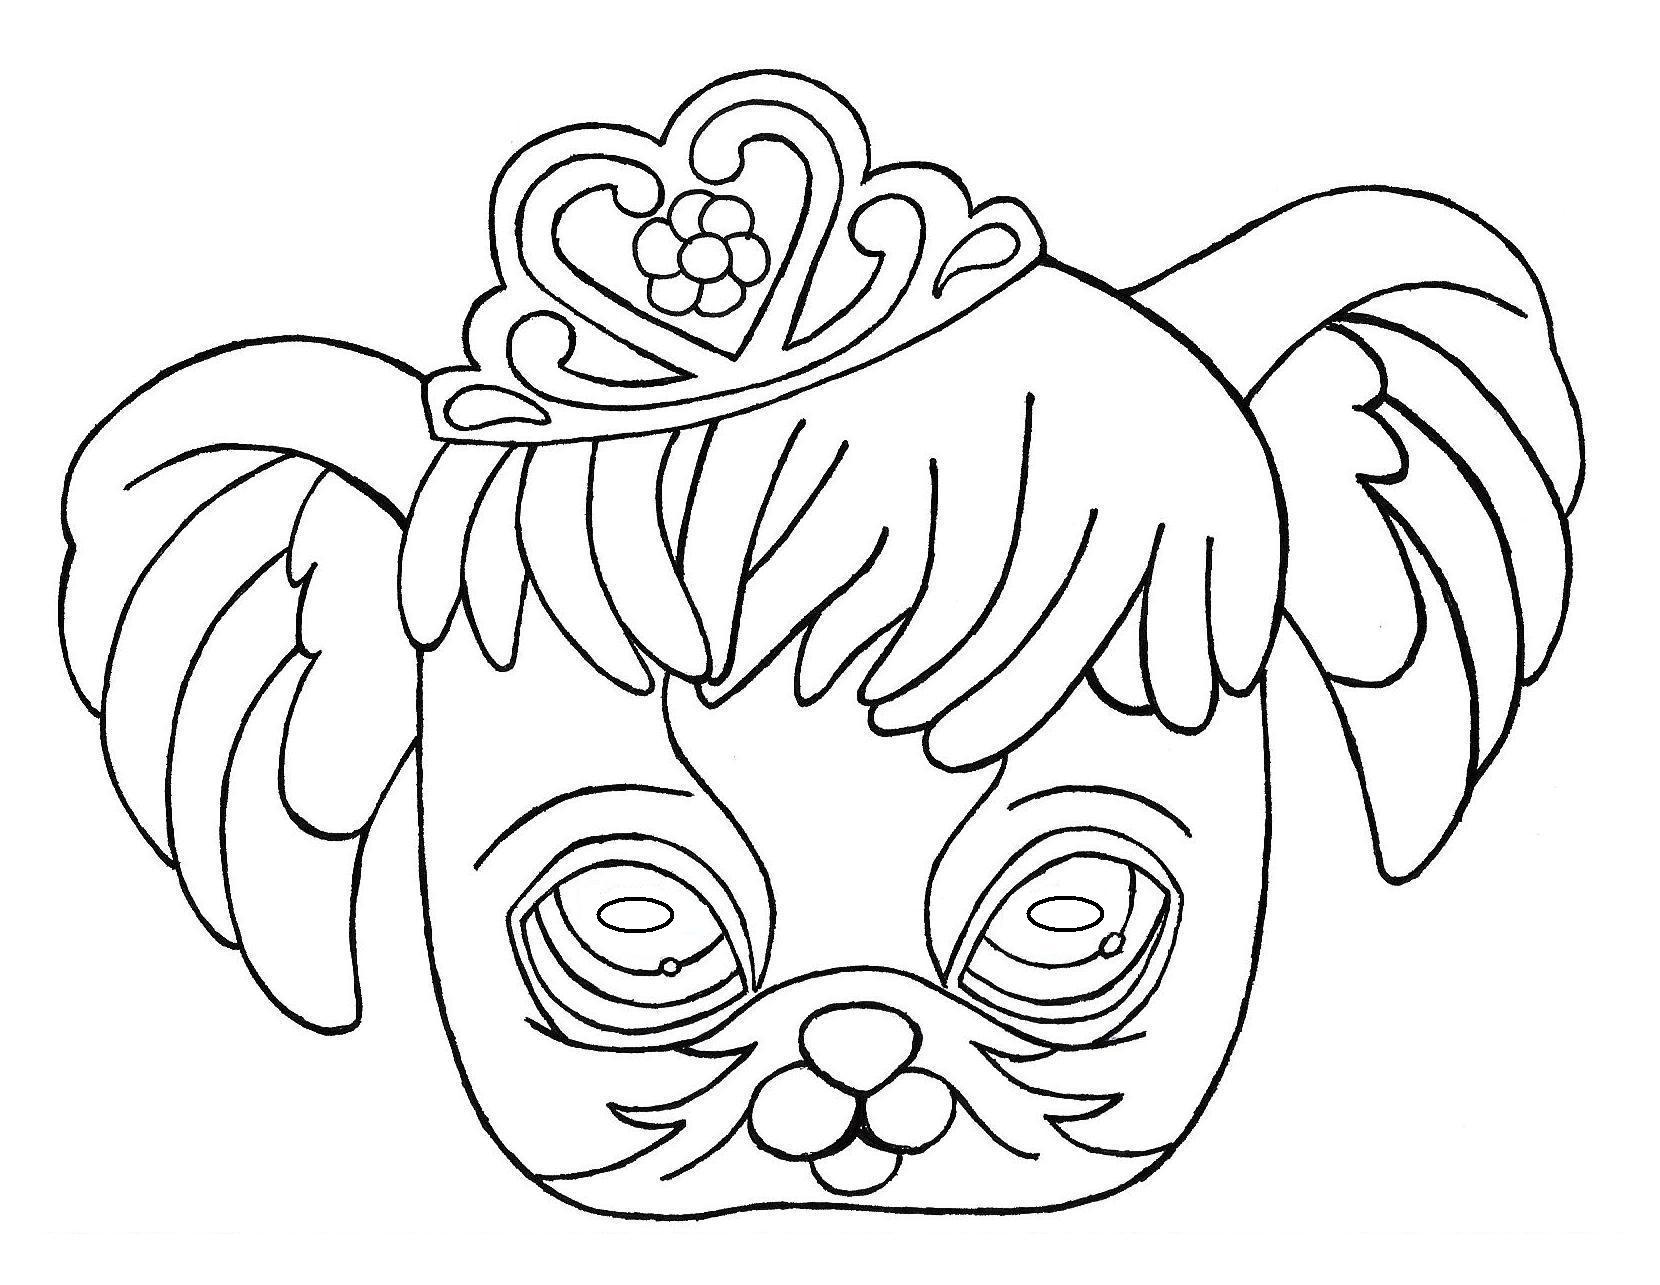 Masque pet shop d coupage a imprimer - Masque a imprimer pour fille ...